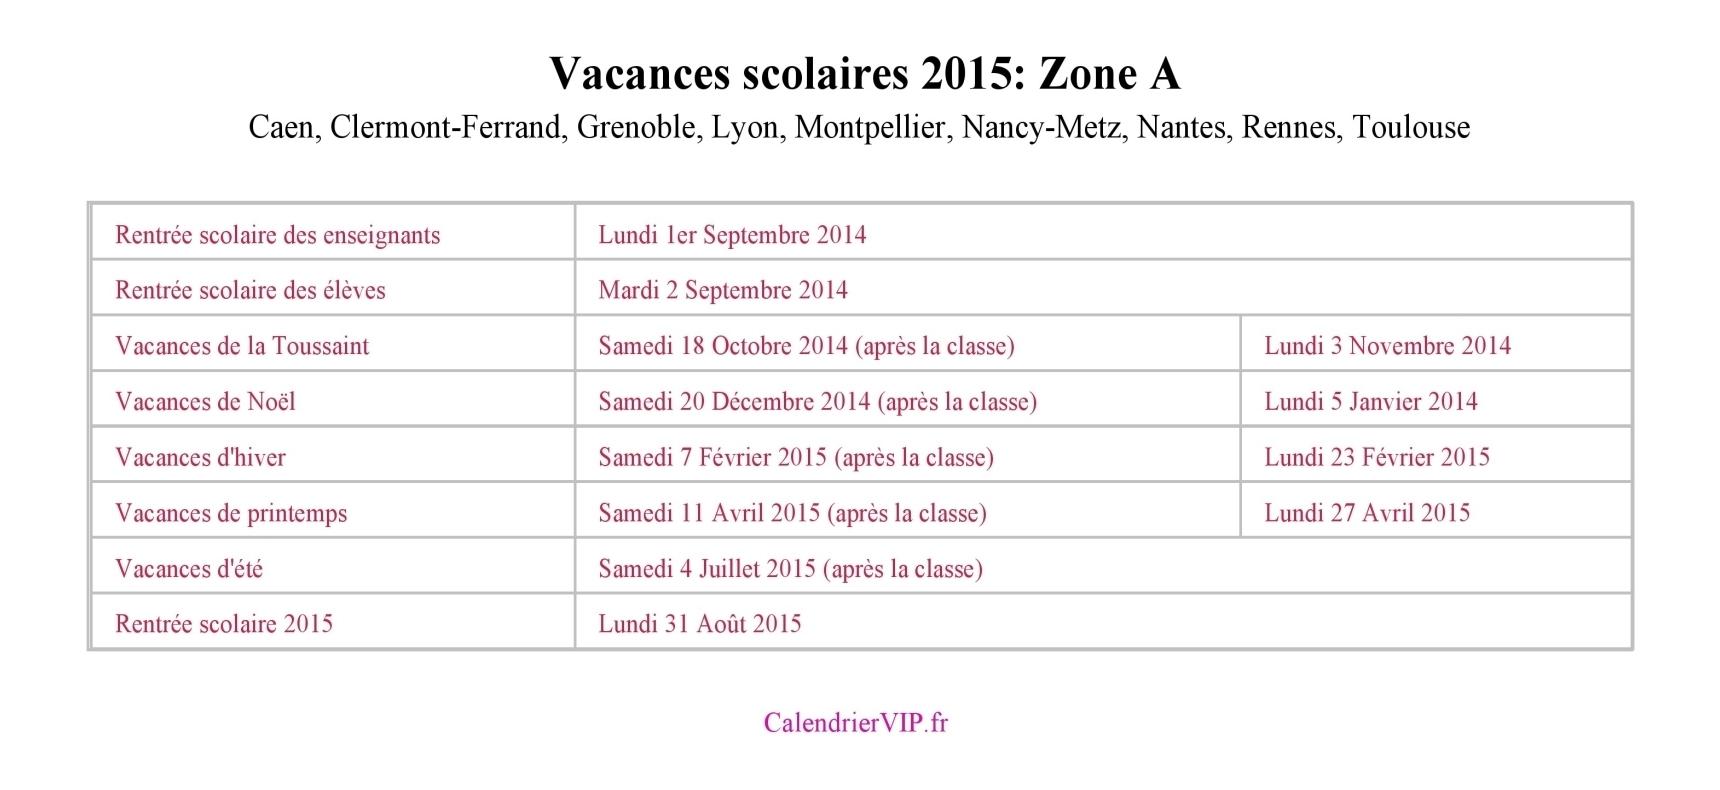 Vacances scolaires 2015 - Vacances scolaires poitiers 2015 ...